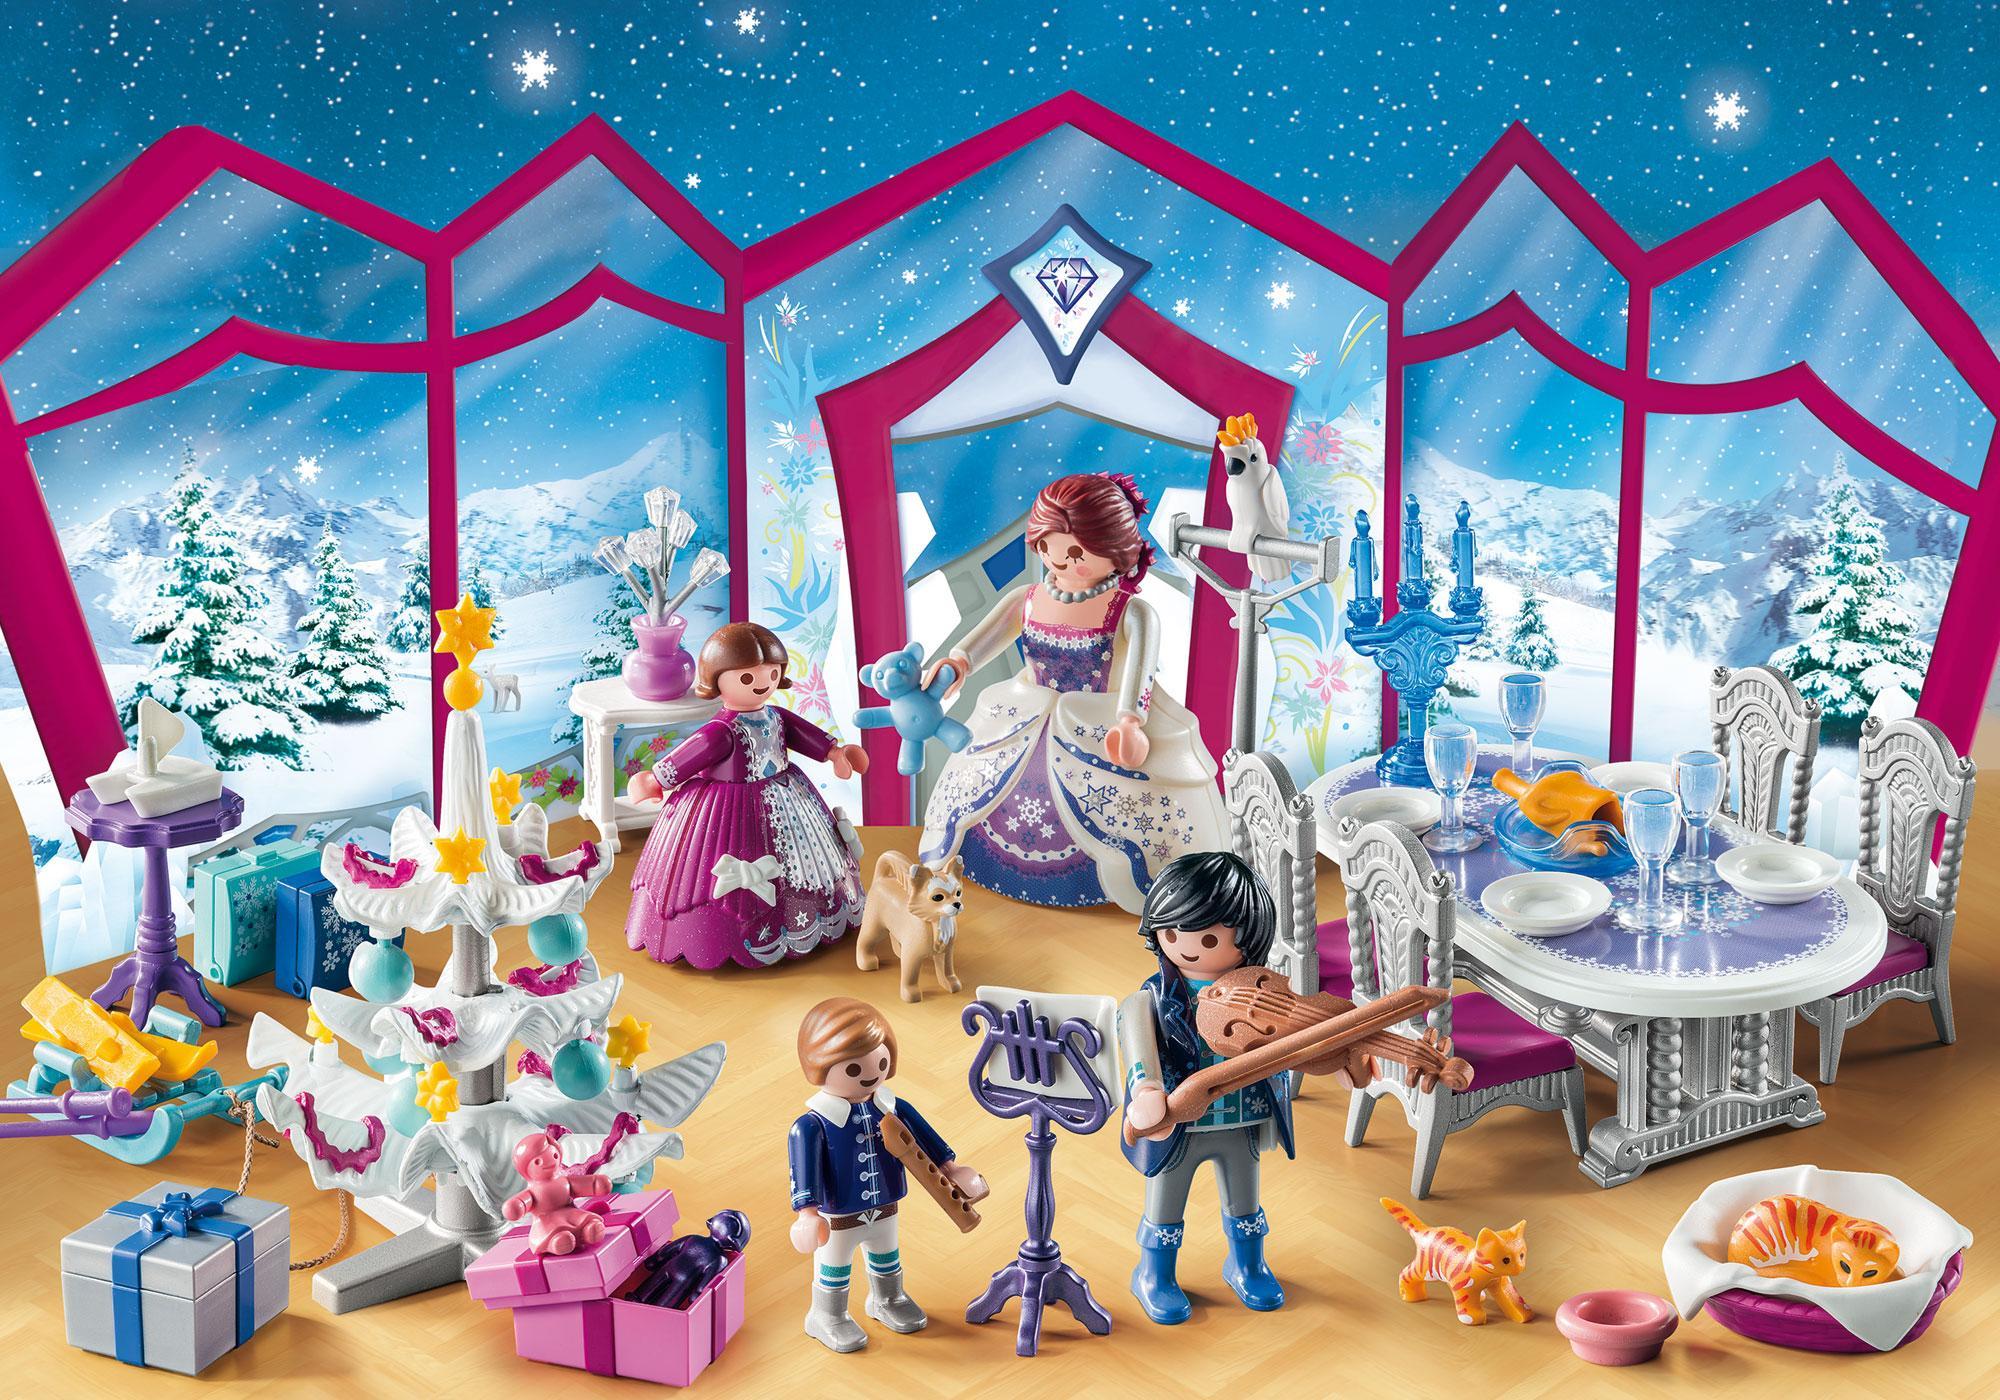 """http://media.playmobil.com/i/playmobil/9485_product_extra1/Kalendarz adwentowy """"Świąteczny bal w kryształowej sali"""""""